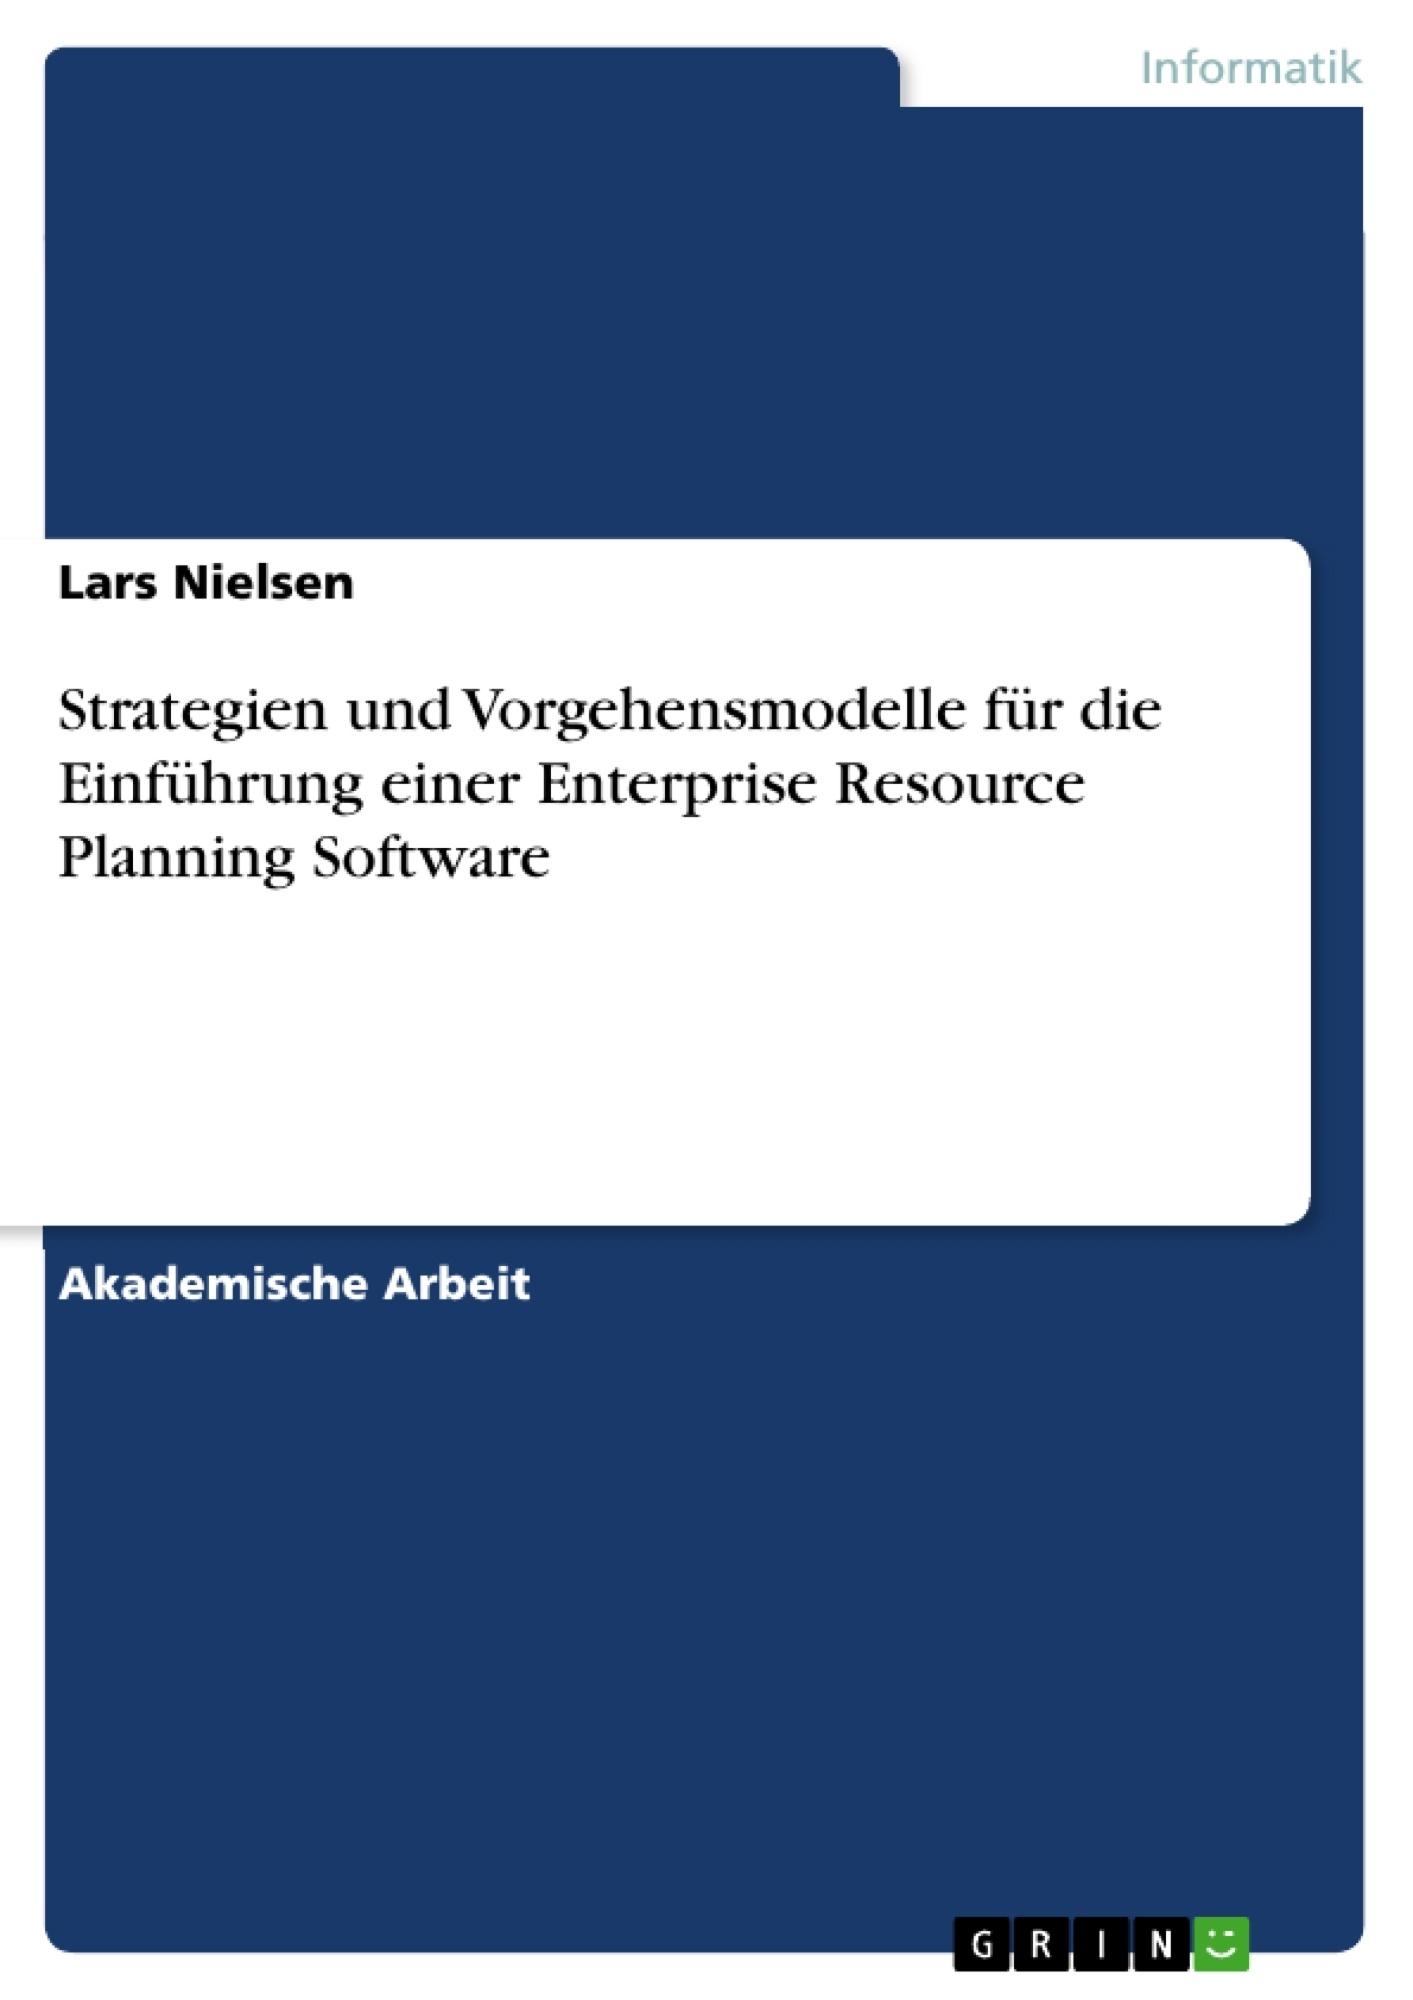 Titel: Strategien und Vorgehensmodelle für die Einführung einer Enterprise Resource Planning Software